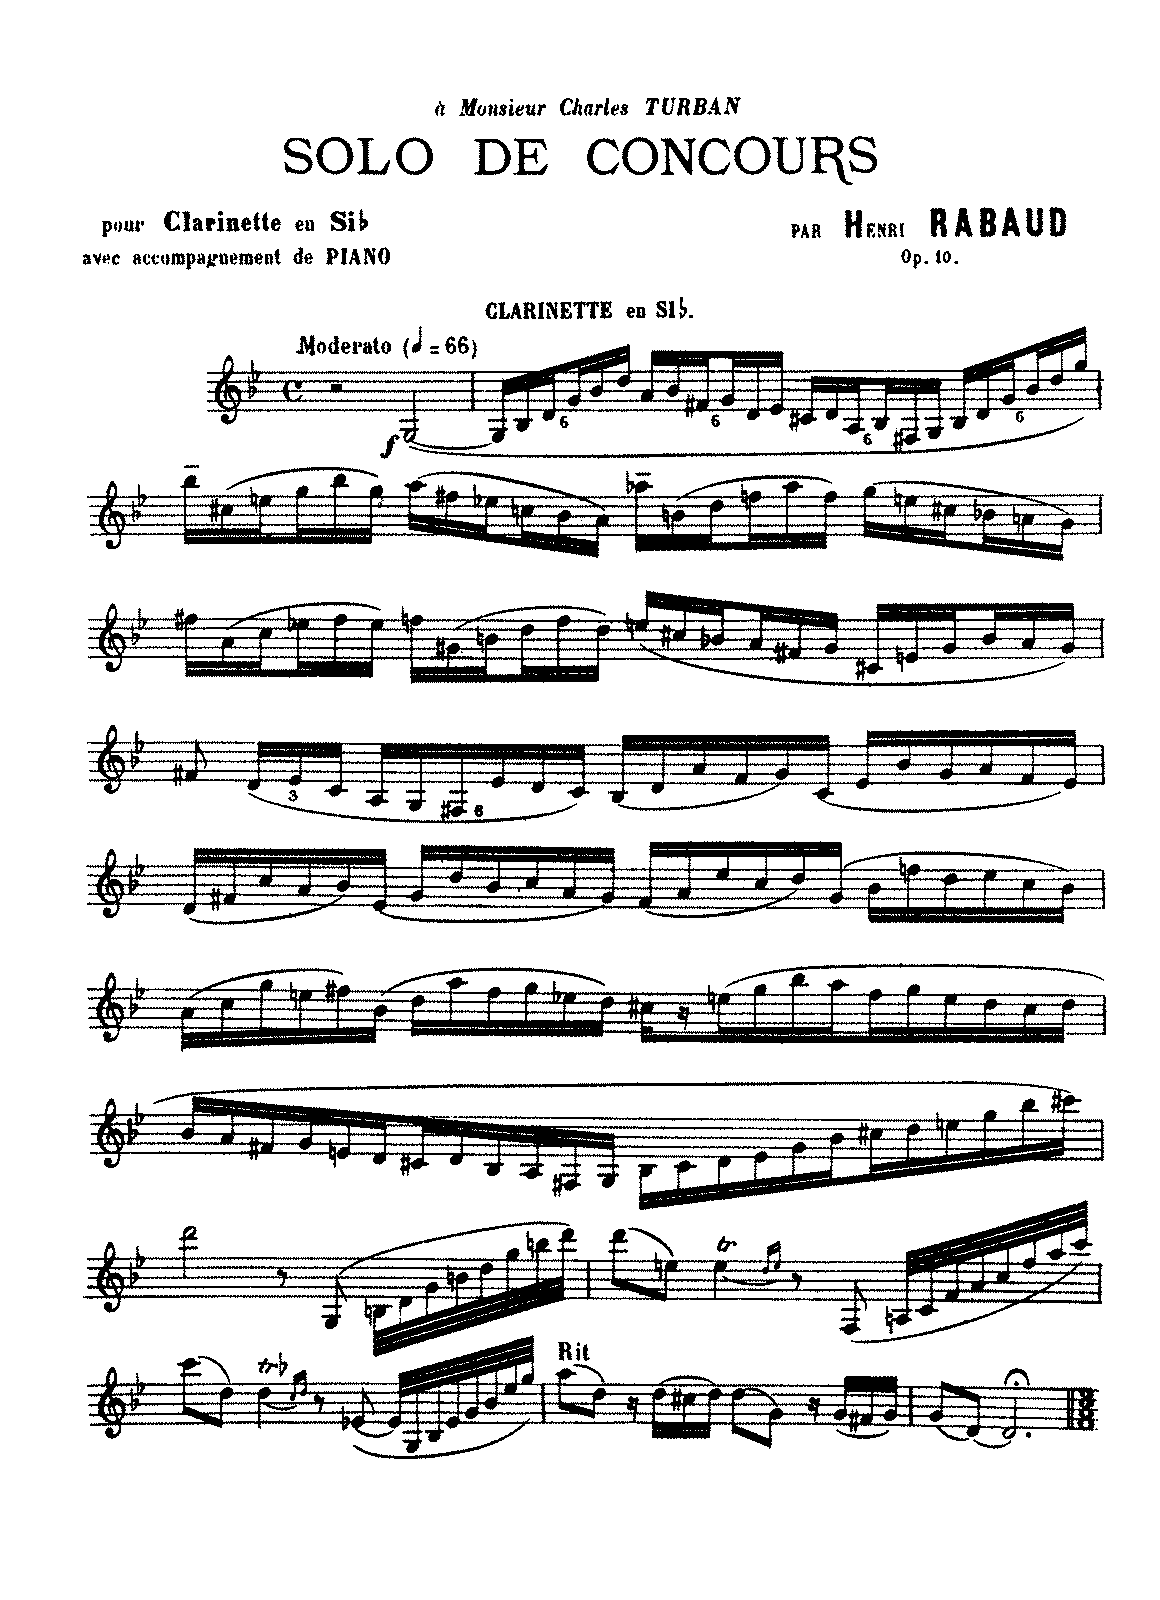 127 part 2 - 1 4